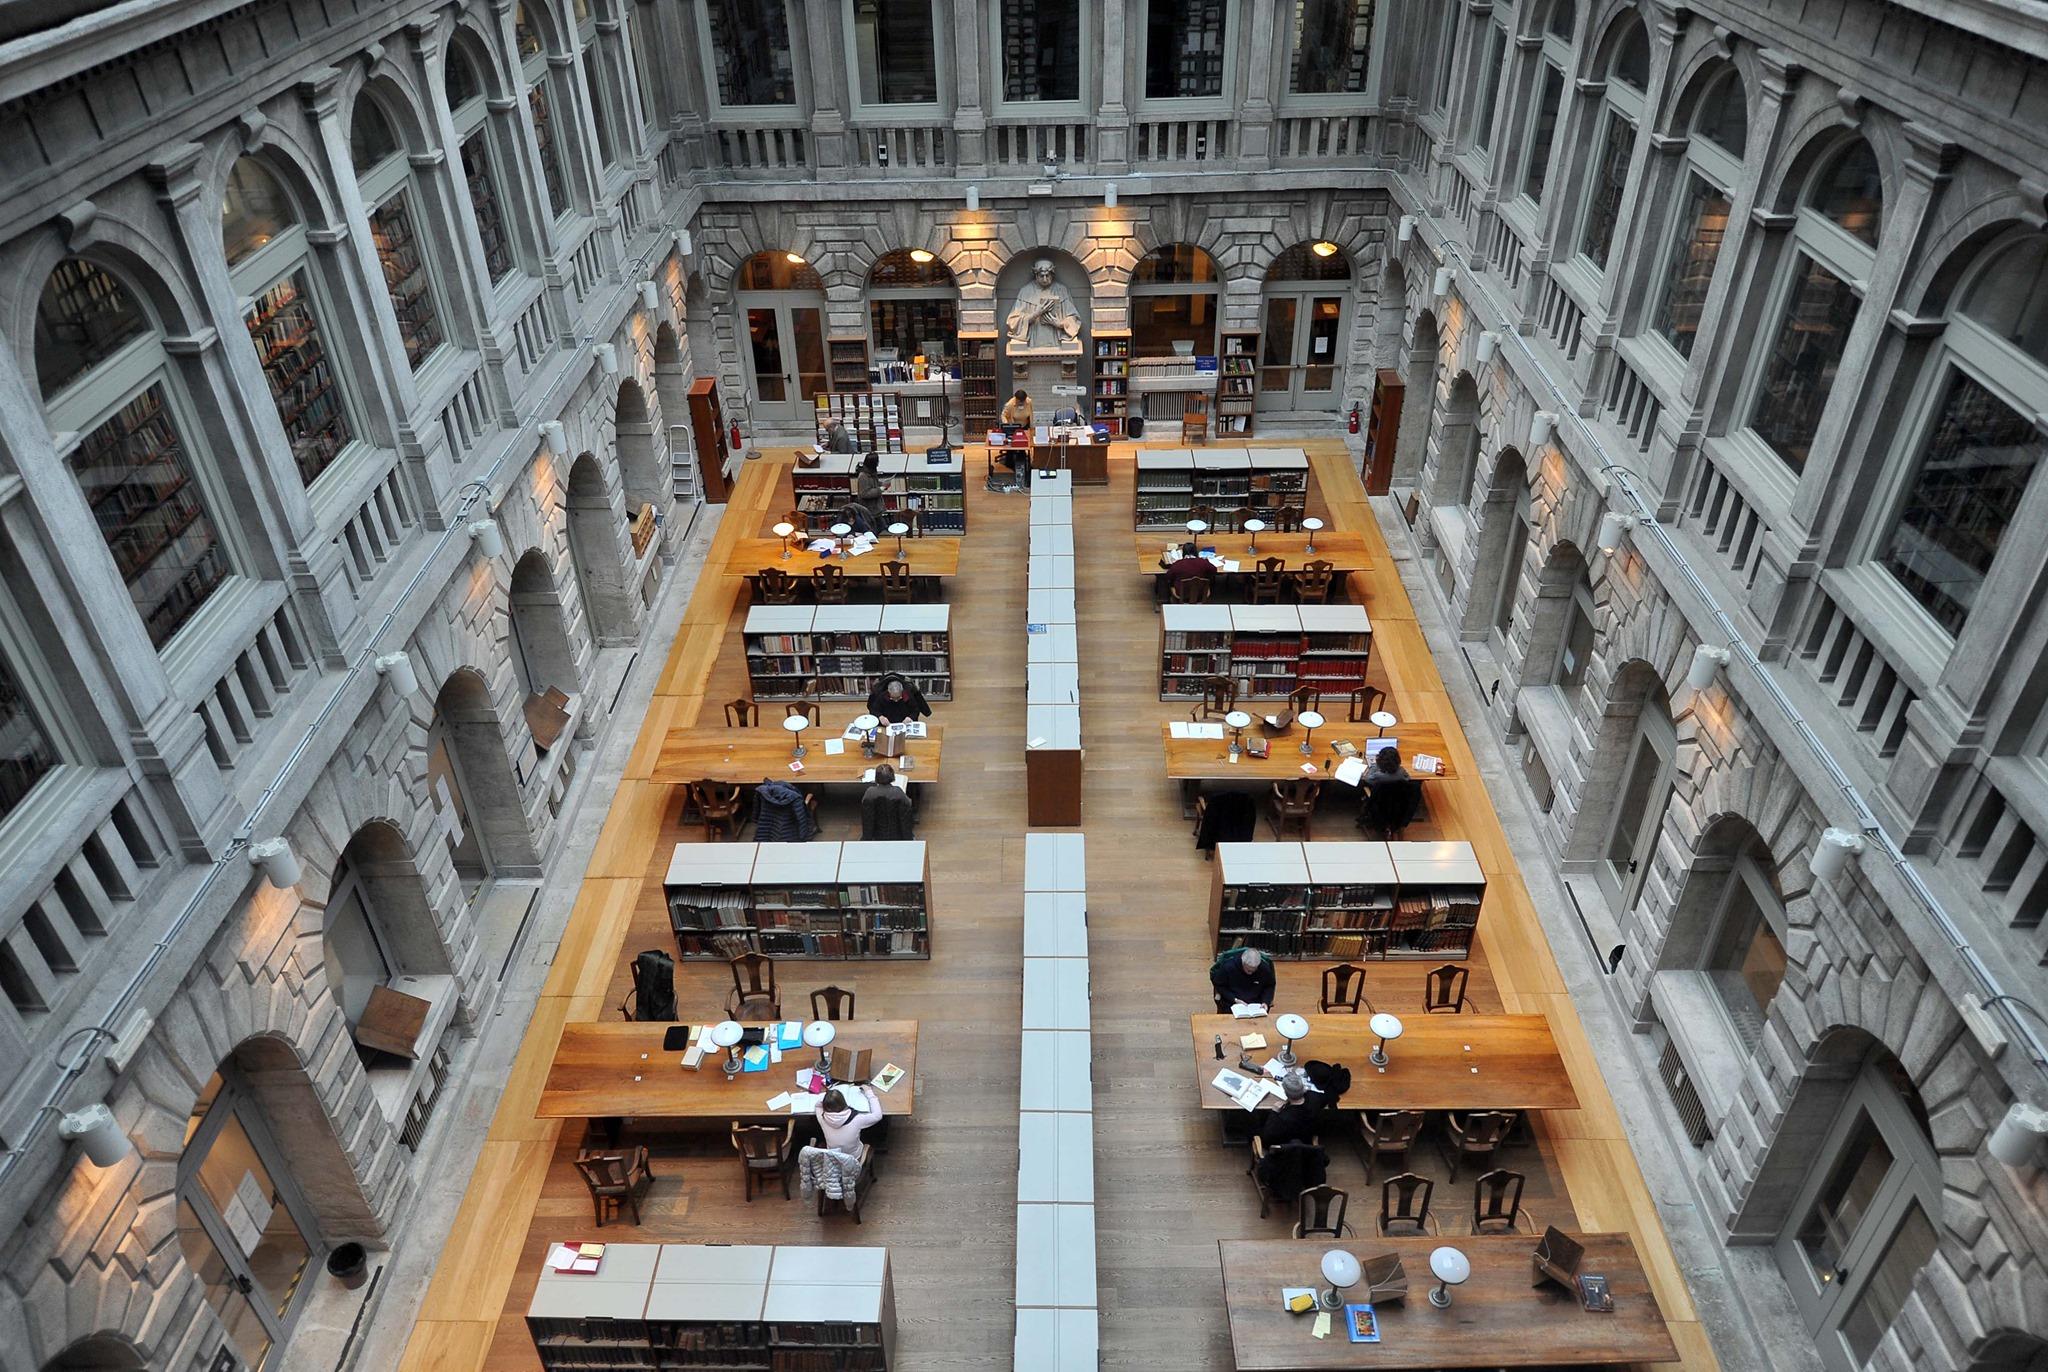 Biblioteca Marciana, Venice, Italy